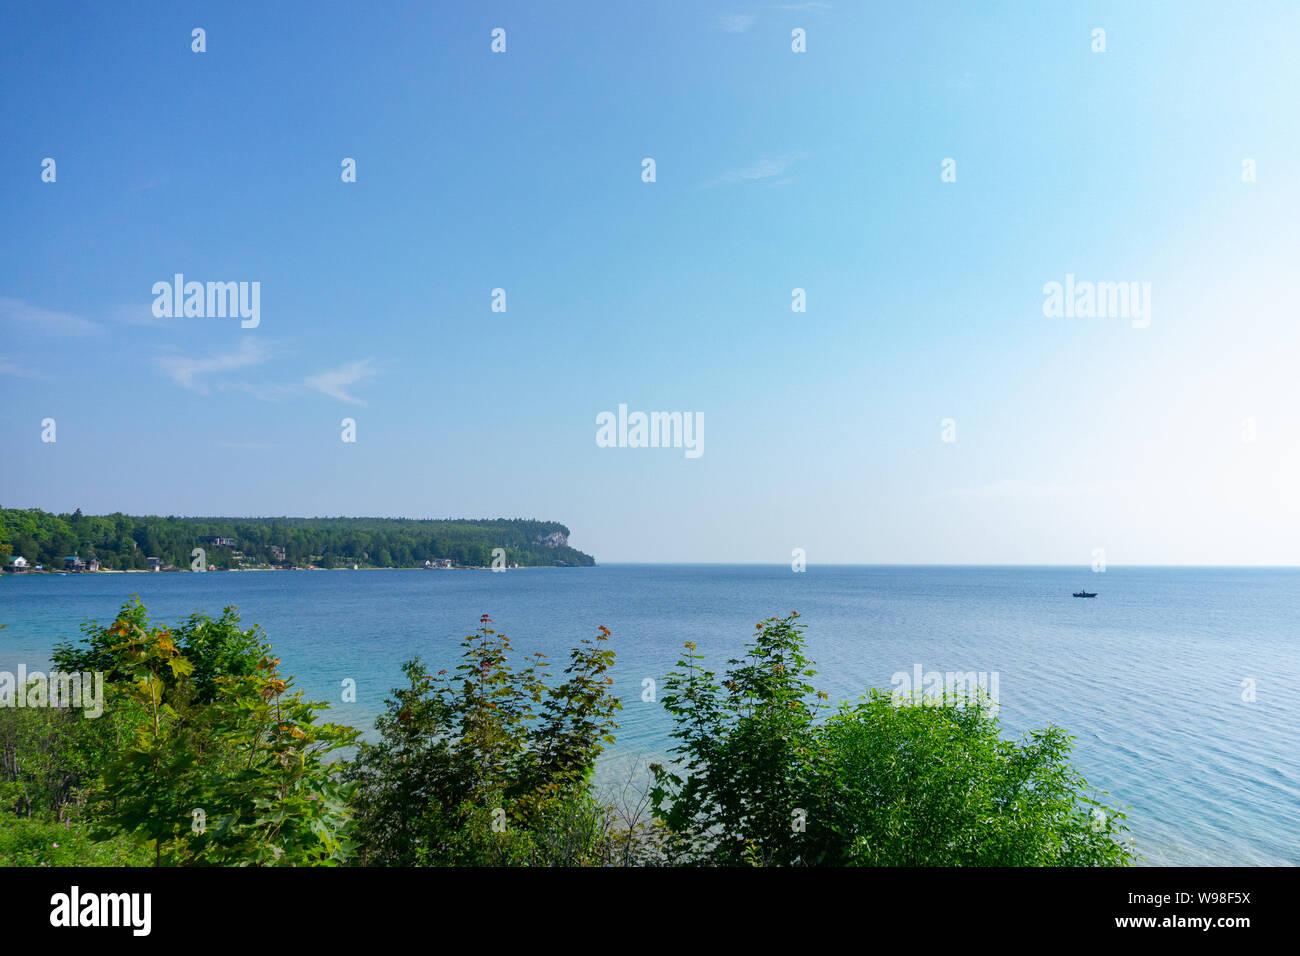 Barco flotando cerca de la cabeza del león, la Península de Bruce en Ontario con plantas y acantilados en el fondo Foto de stock